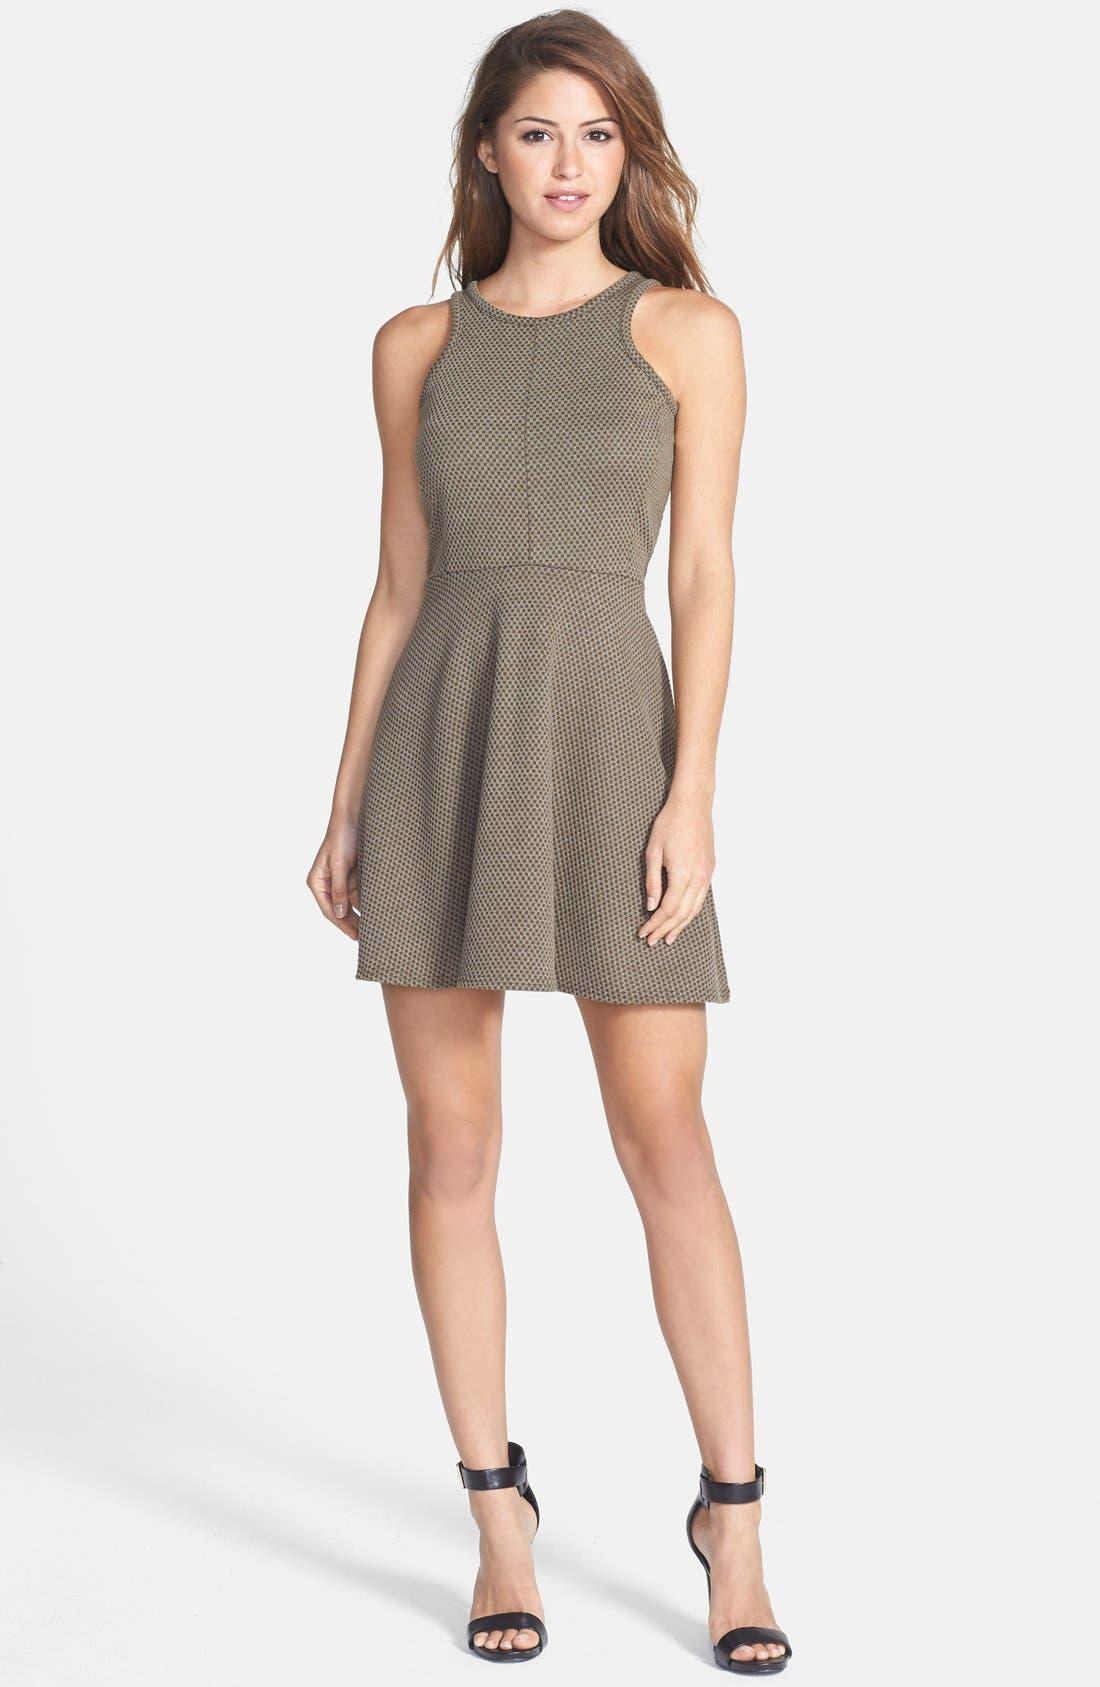 Alternate Image 1 Selected - Olive & Oak Textured Fit & Flare Dress